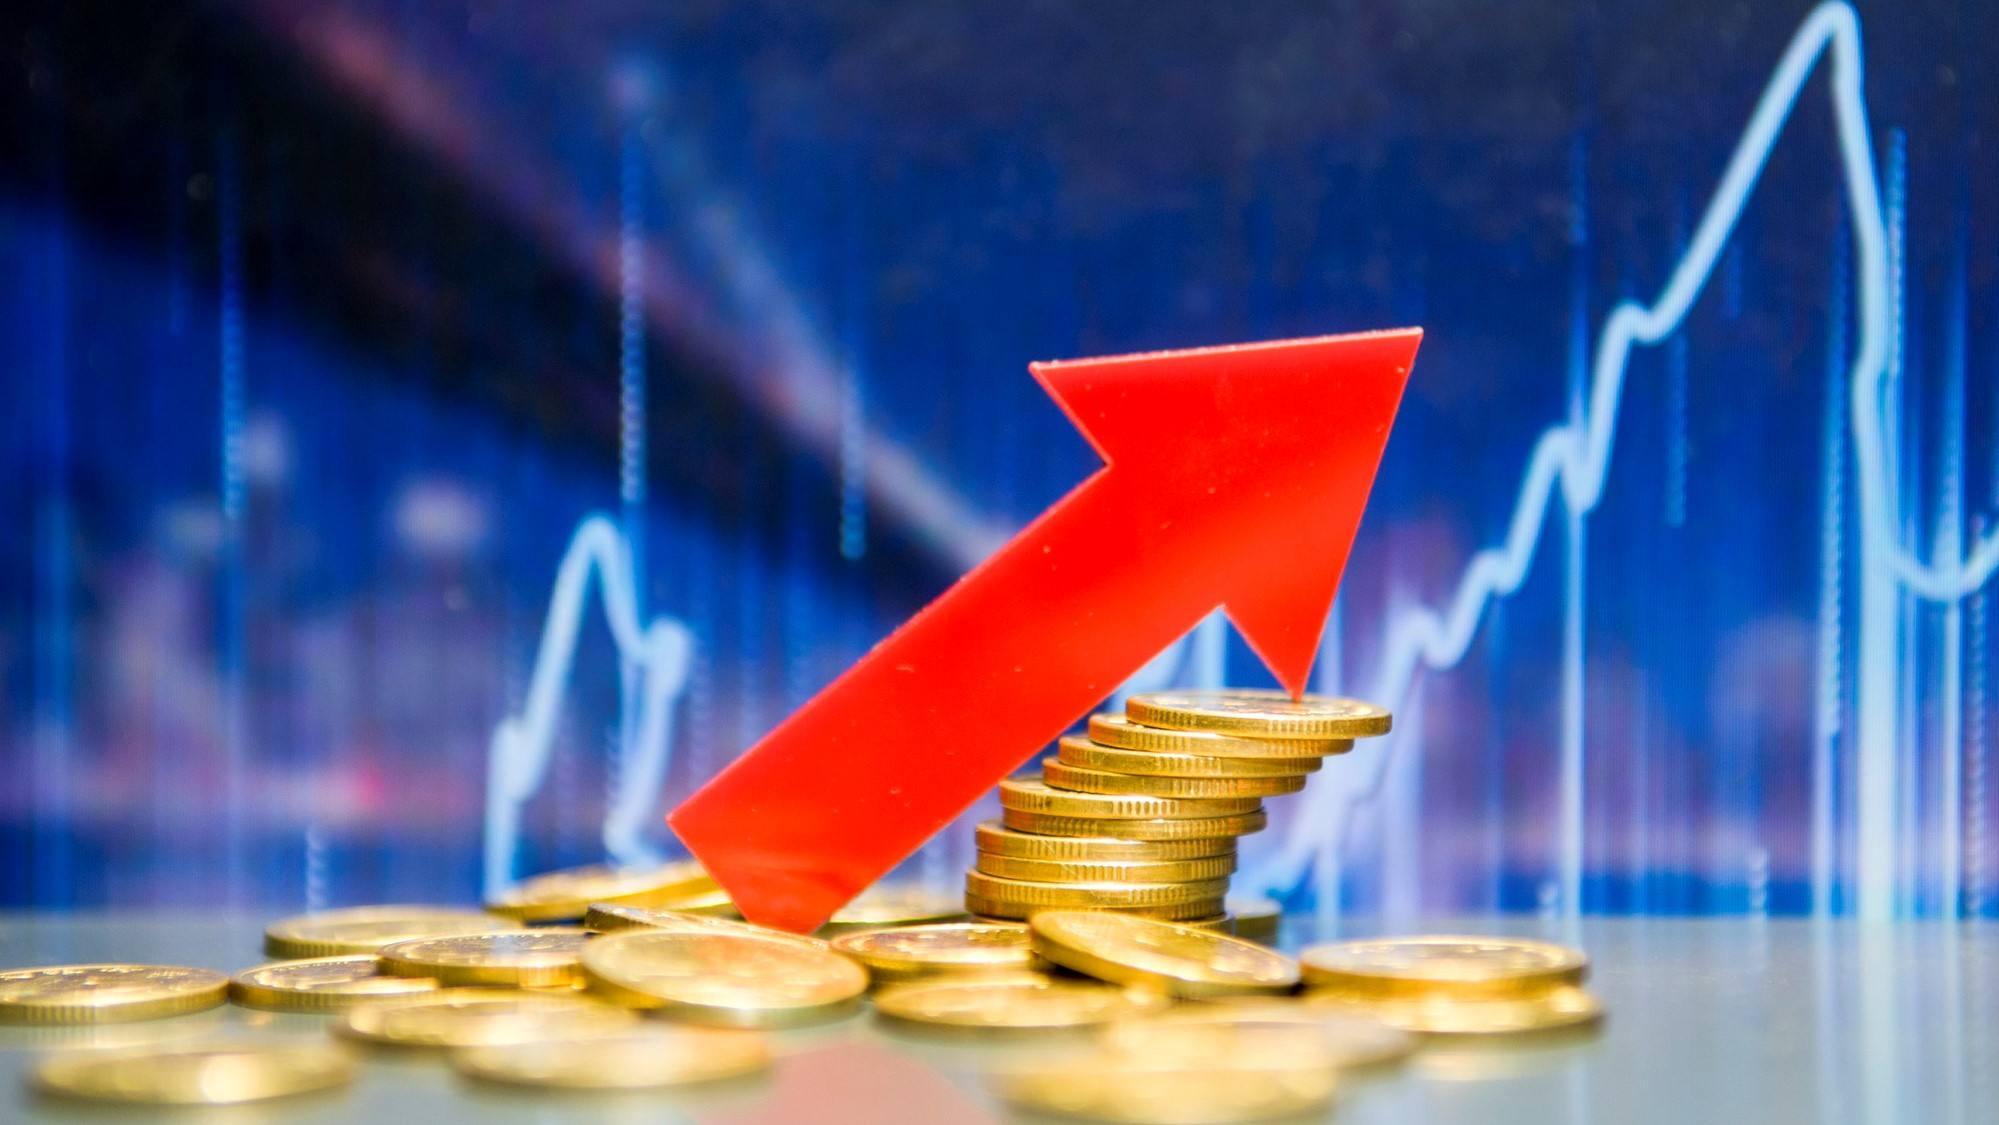 10月数据看经济运行:长期有基础 短期有支撑